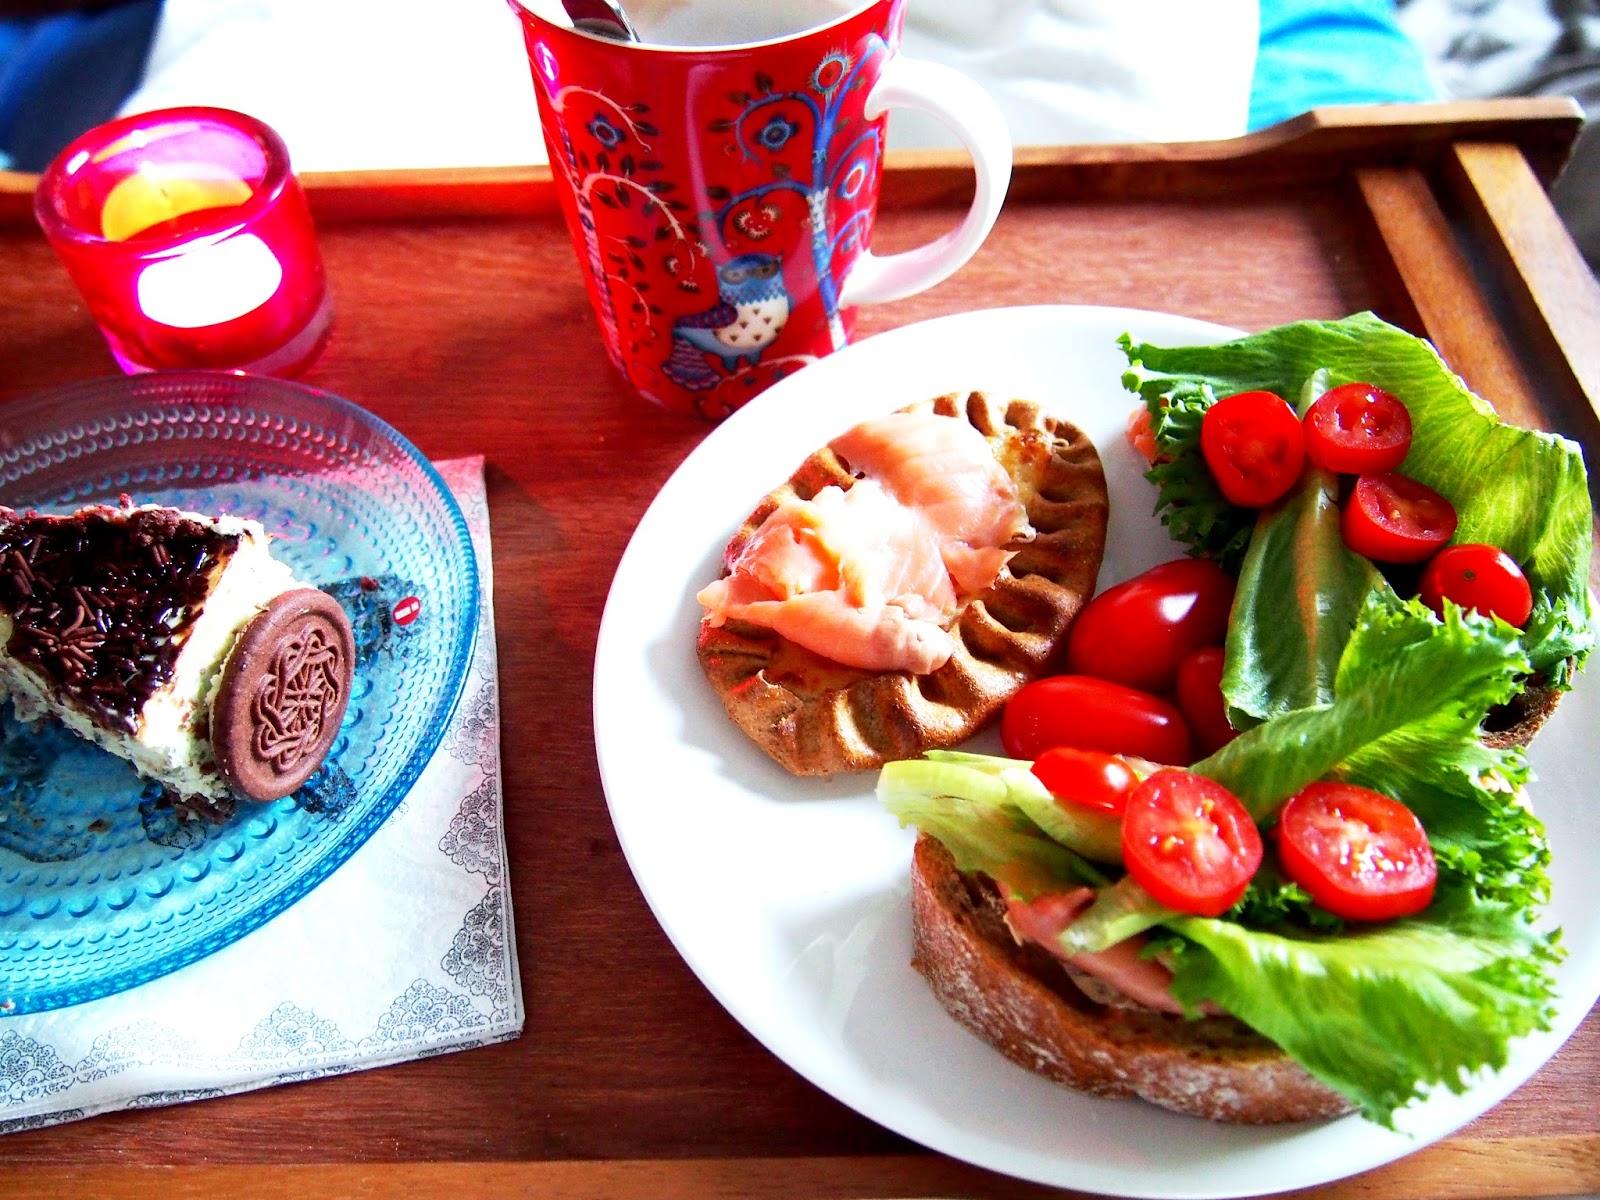 #breakfast #aamiainen #in #bed #sängyssä #syntymäpäivät #perinne #traditon #birthday #special #day #congratulations #onnea #onnittelu